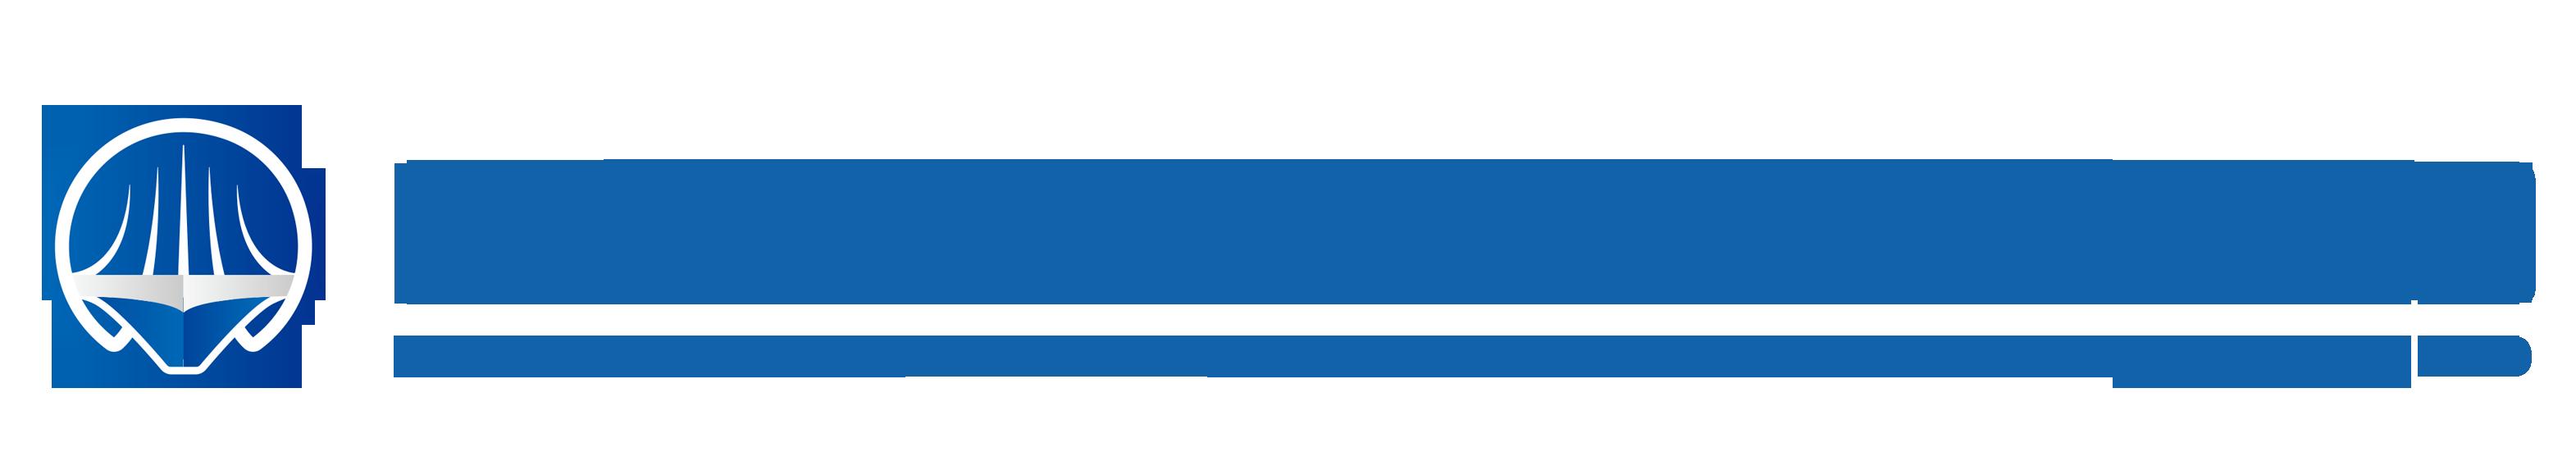 中bwin中国注册研